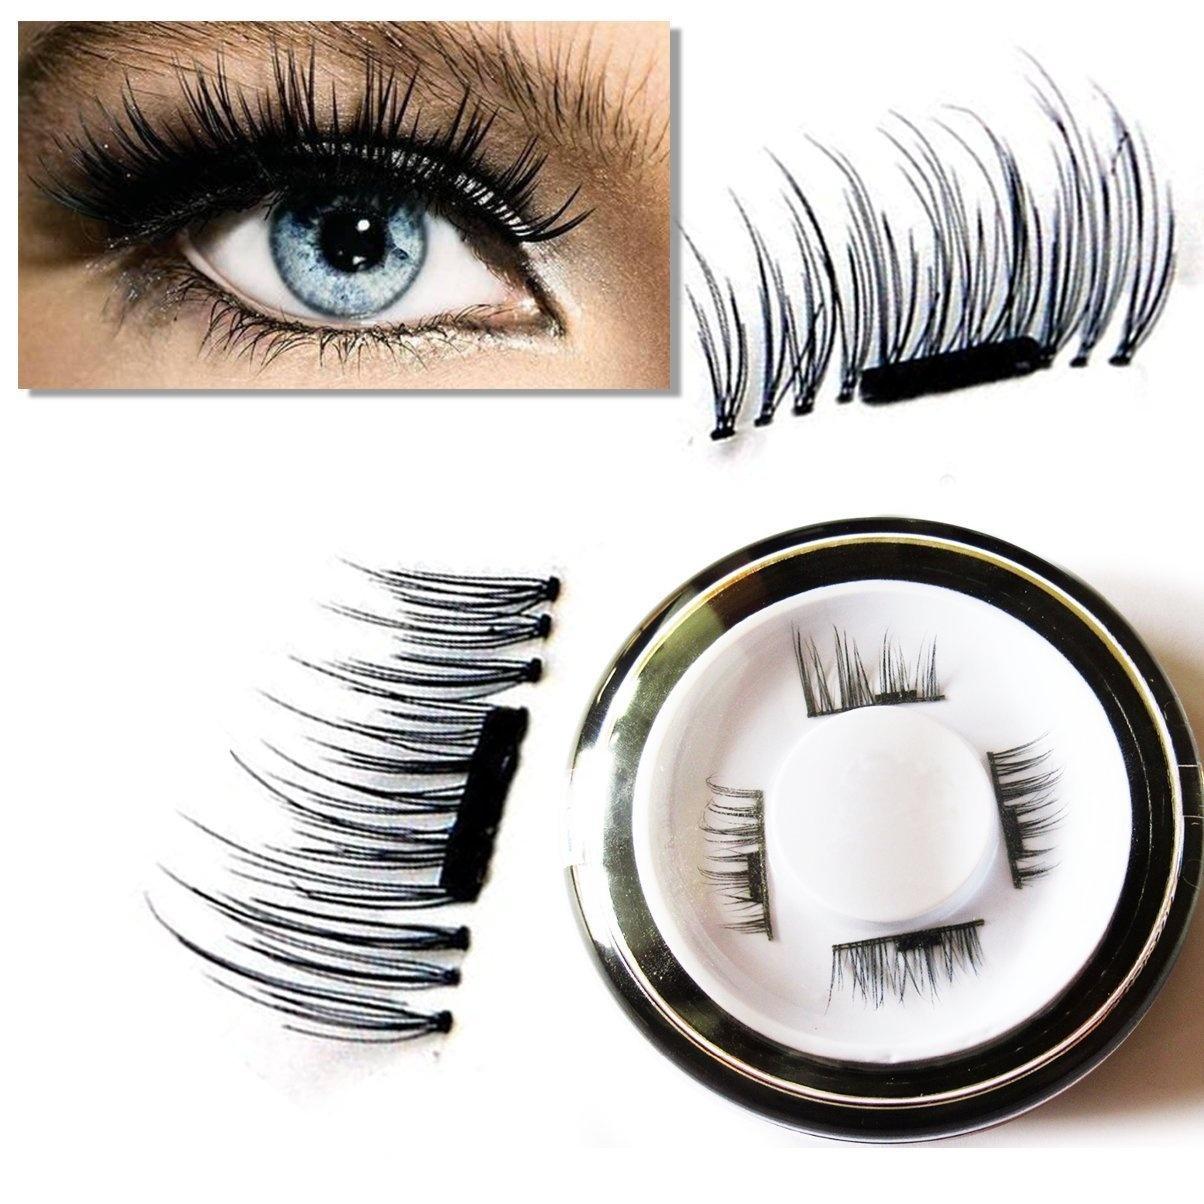 5b7f1fe4853 8x Magnetic Eyelashes [No Glue] Premium Quality False Eyelashes Set ...